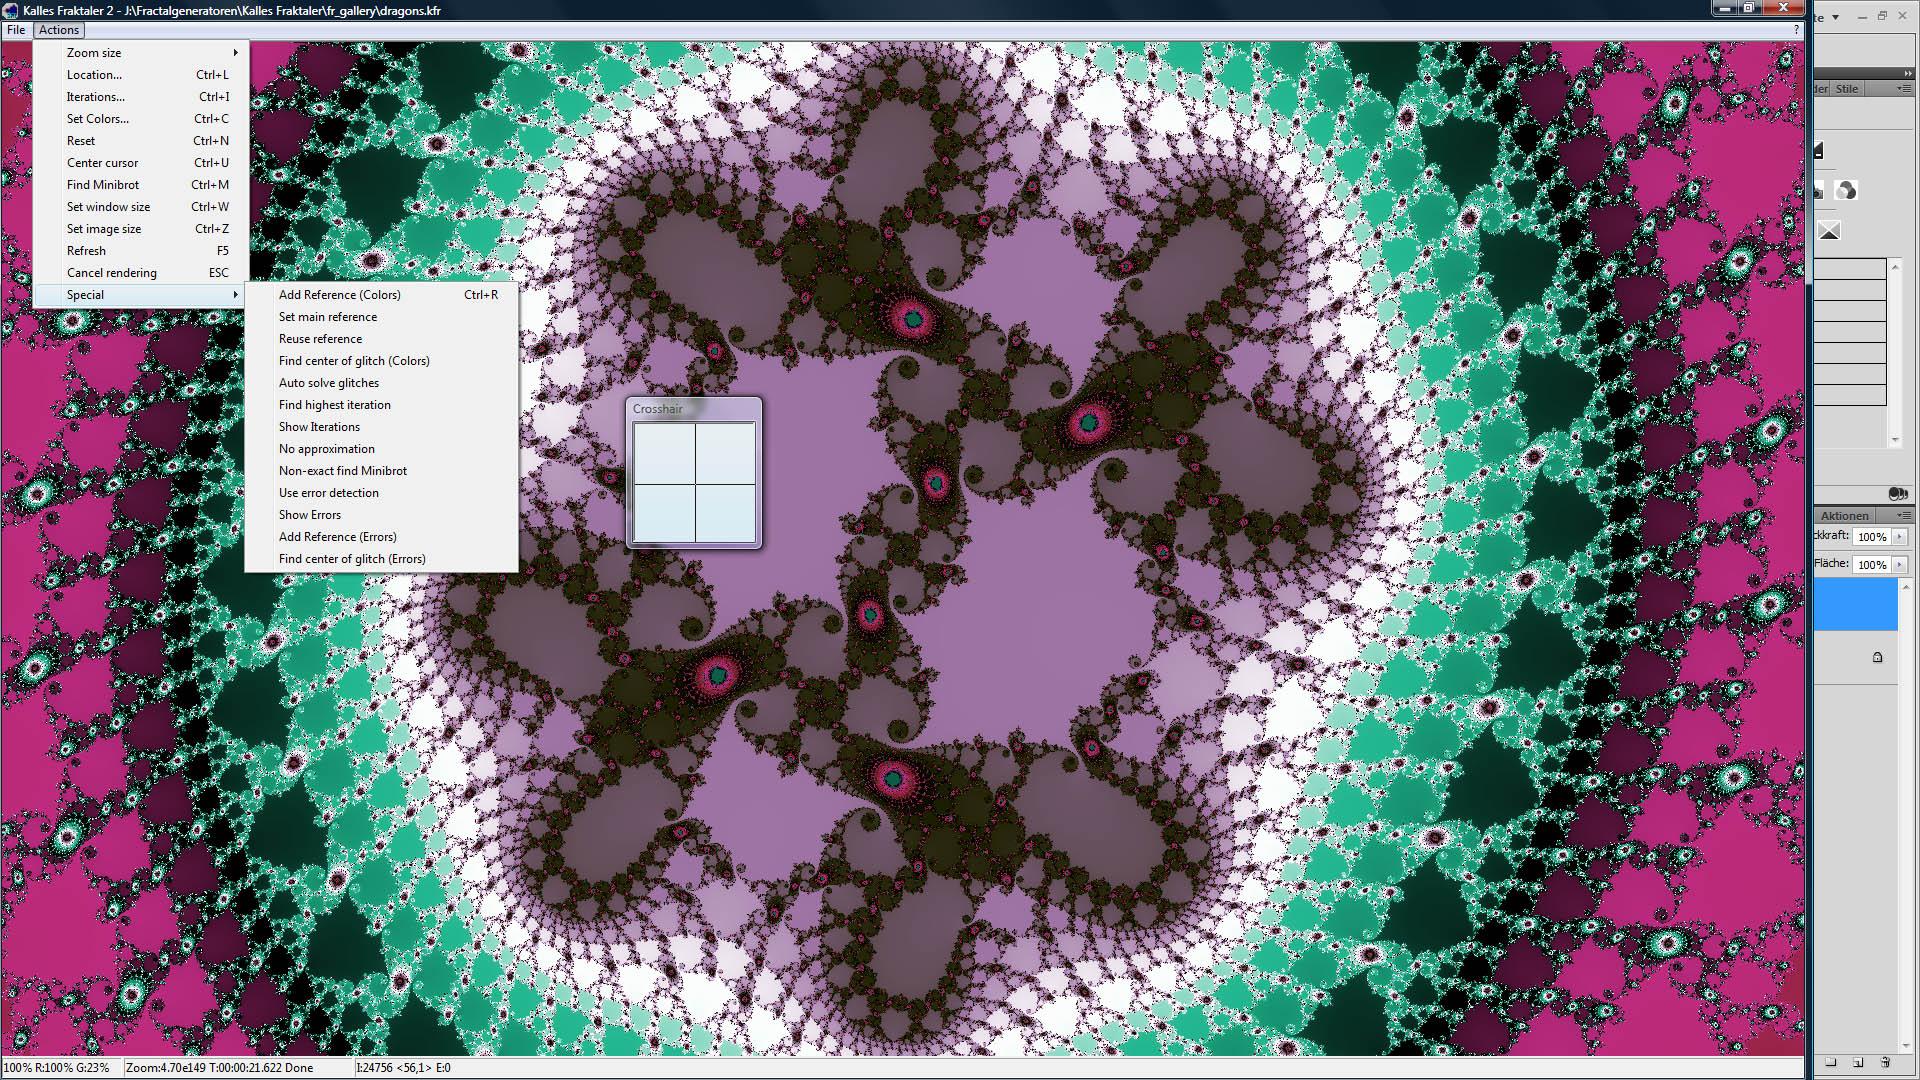 CP kalles fractaler screenshot3